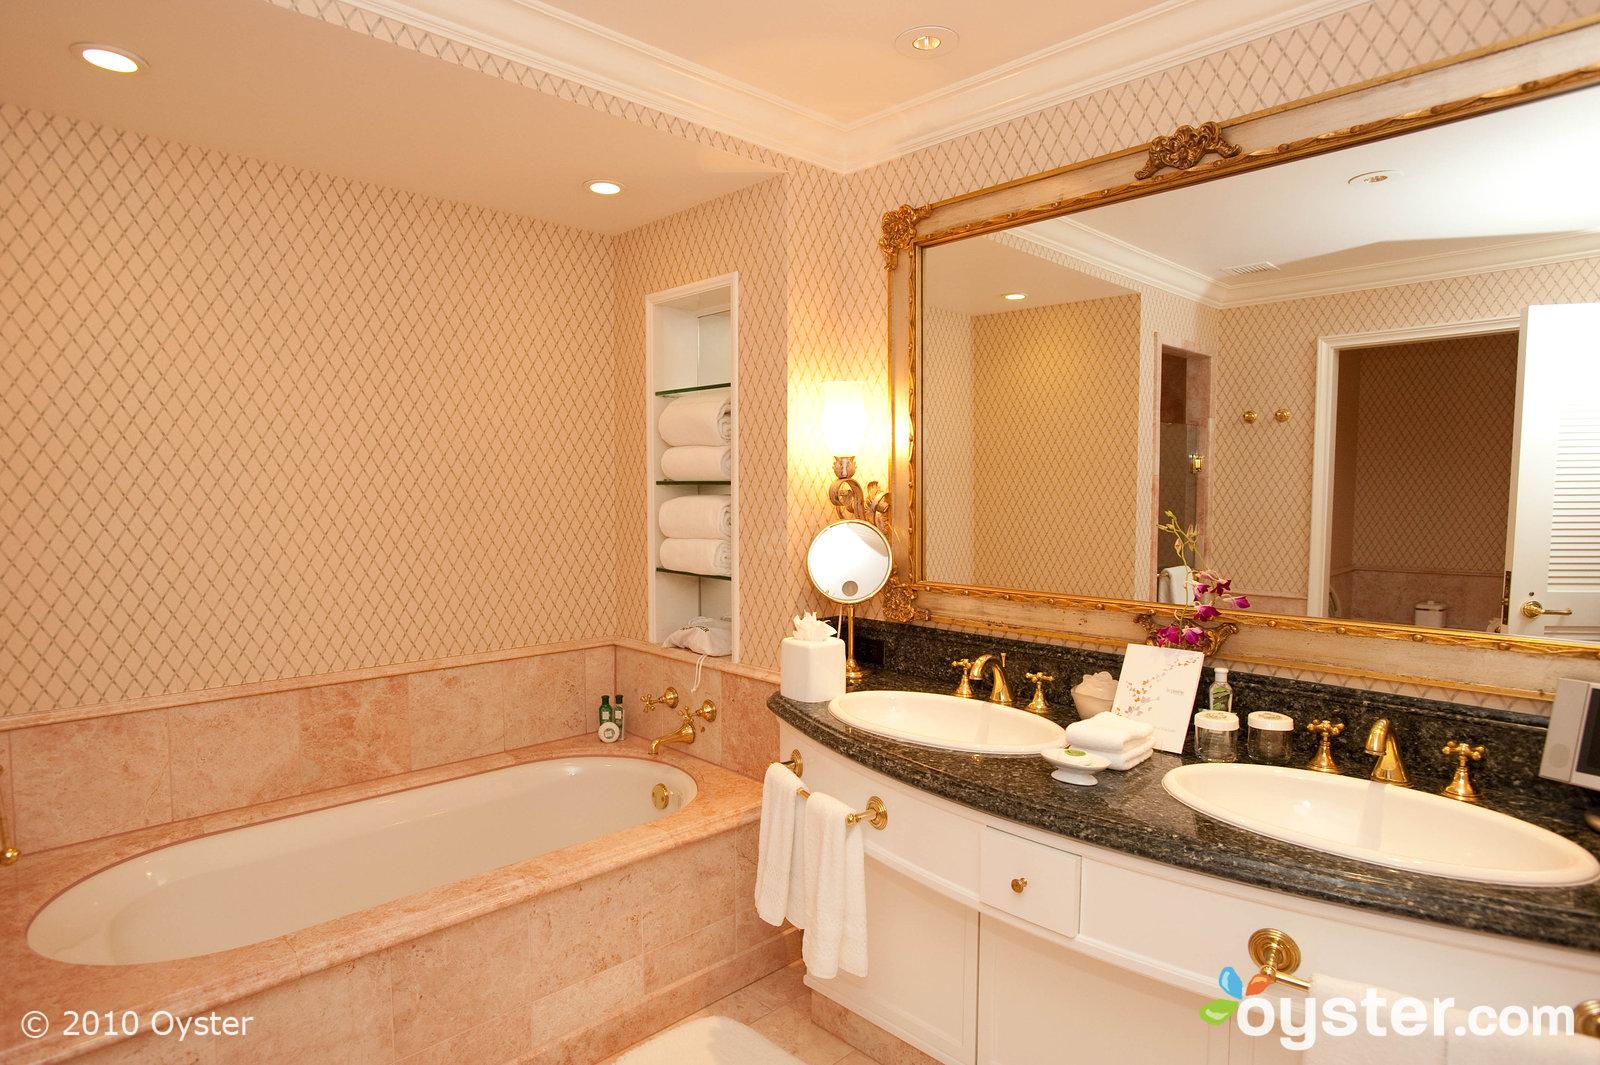 granito e pastilhas vitoriano com banheiro incorporado ao quarto gosto  #BC810F 1600 1065